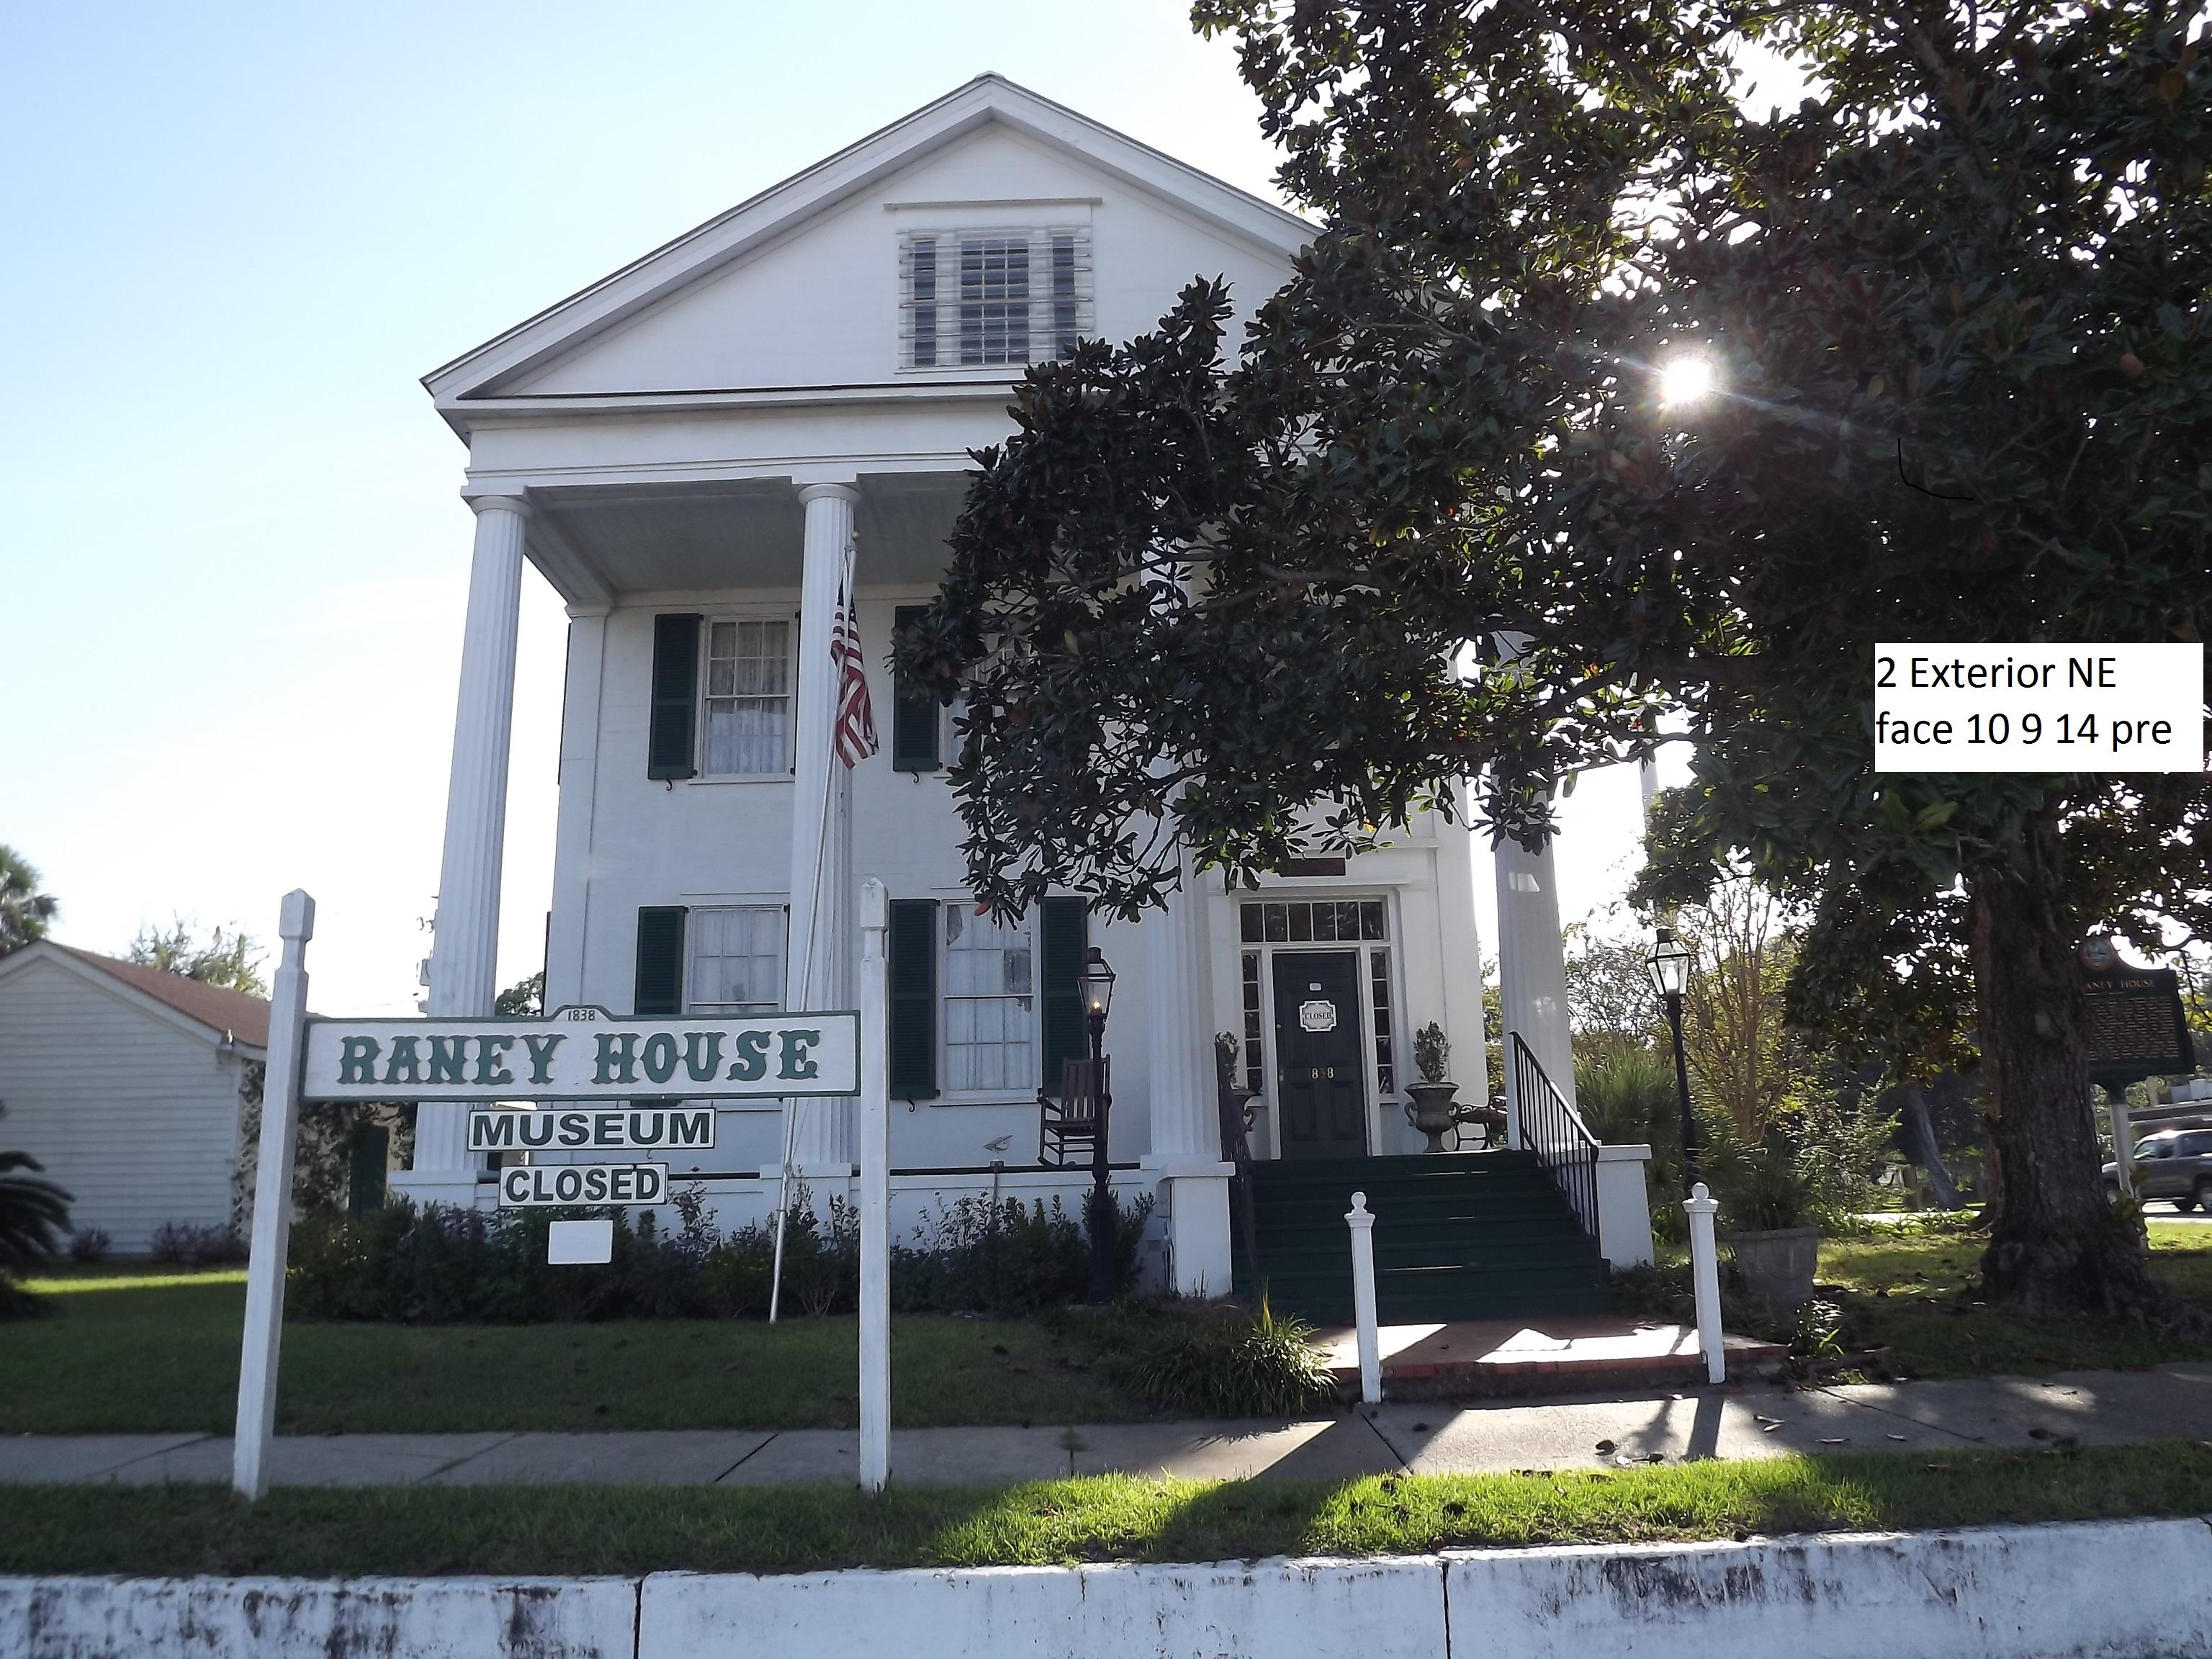 Raney House